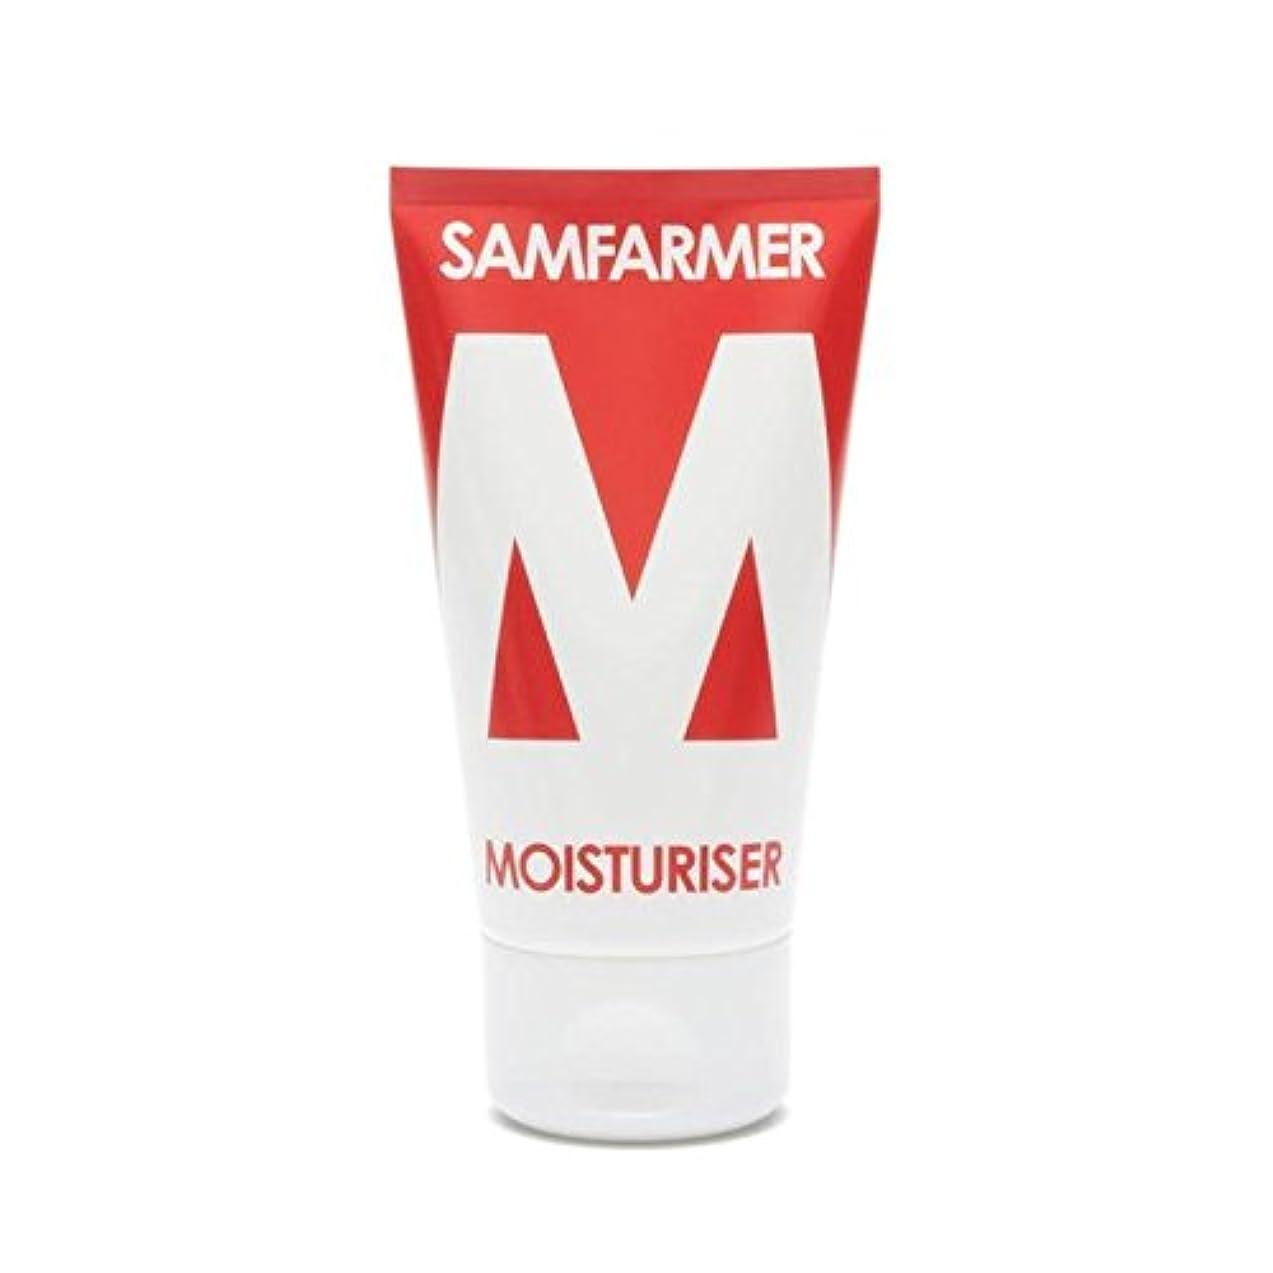 ビン鎖巨大なユニセックス保湿50ミリリットル x4 - SAMFARMER Unisex Moisturiser 50ml (Pack of 4) [並行輸入品]